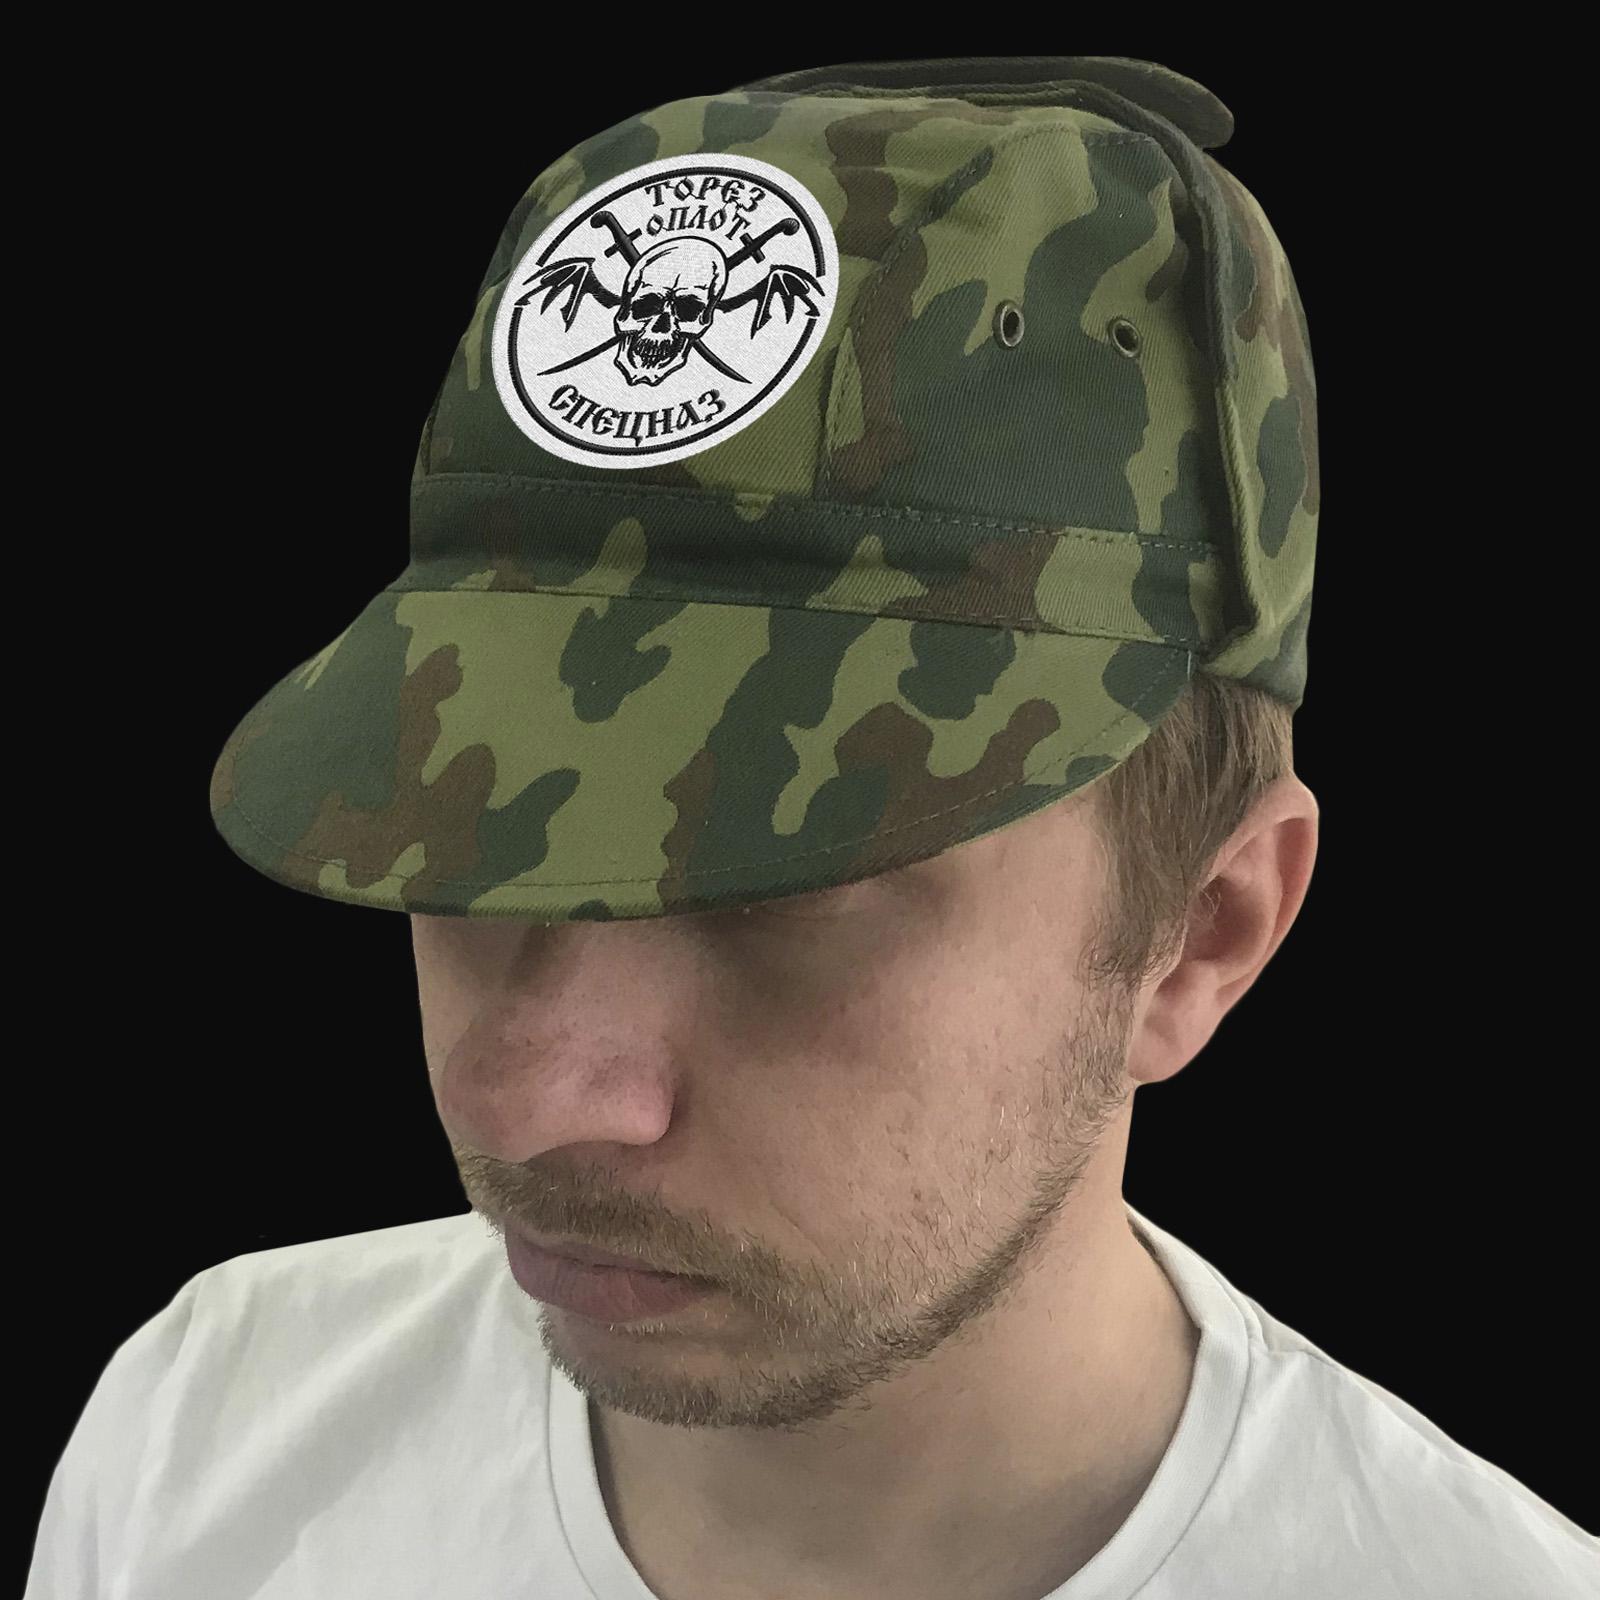 Новороссия! Военная кепка с шевроном Спецназа Оплот, Торез.